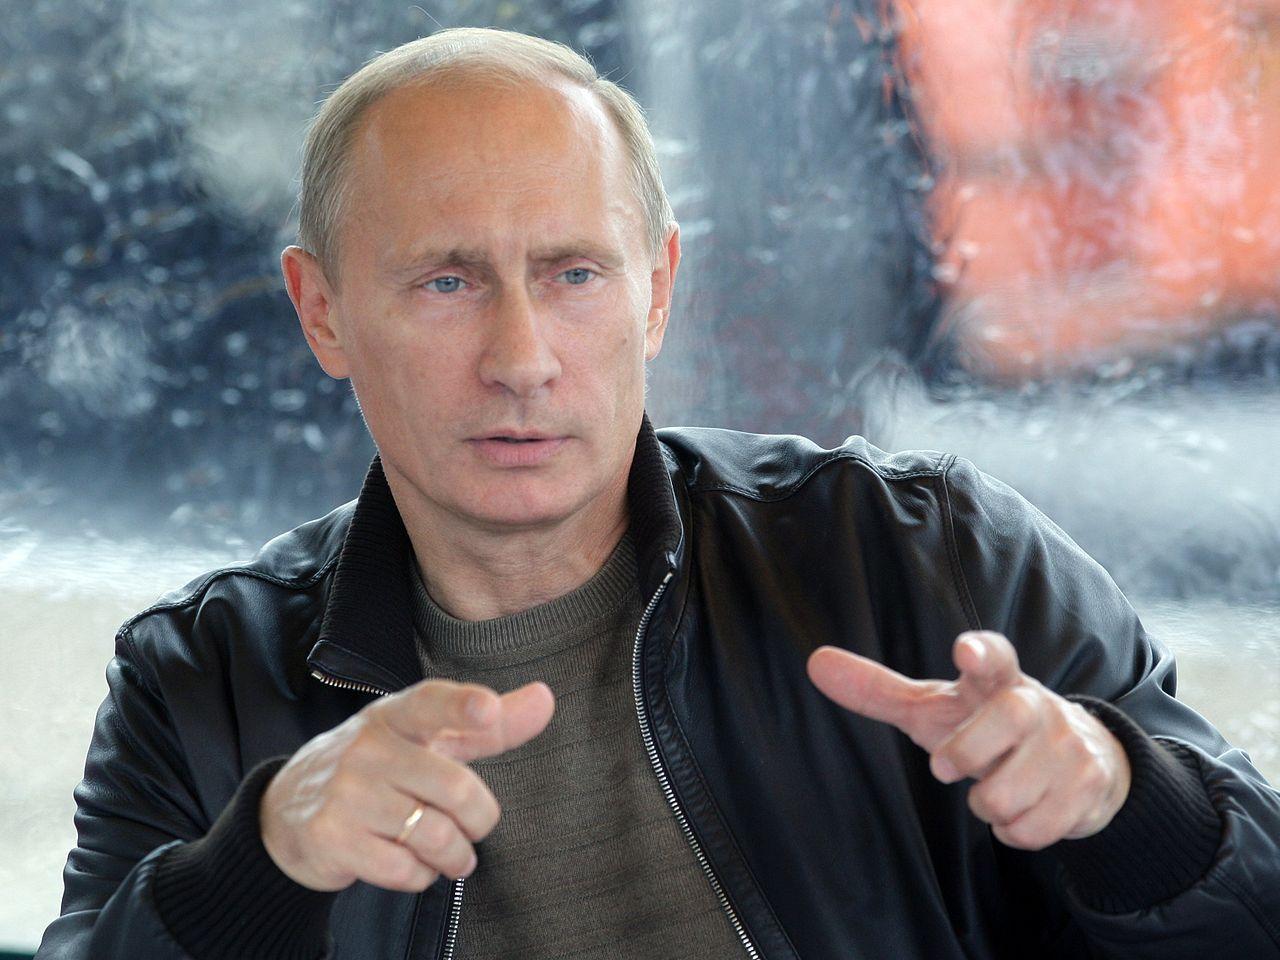 126 miljoner amerikaner kan ha sett ryska trollinlägg